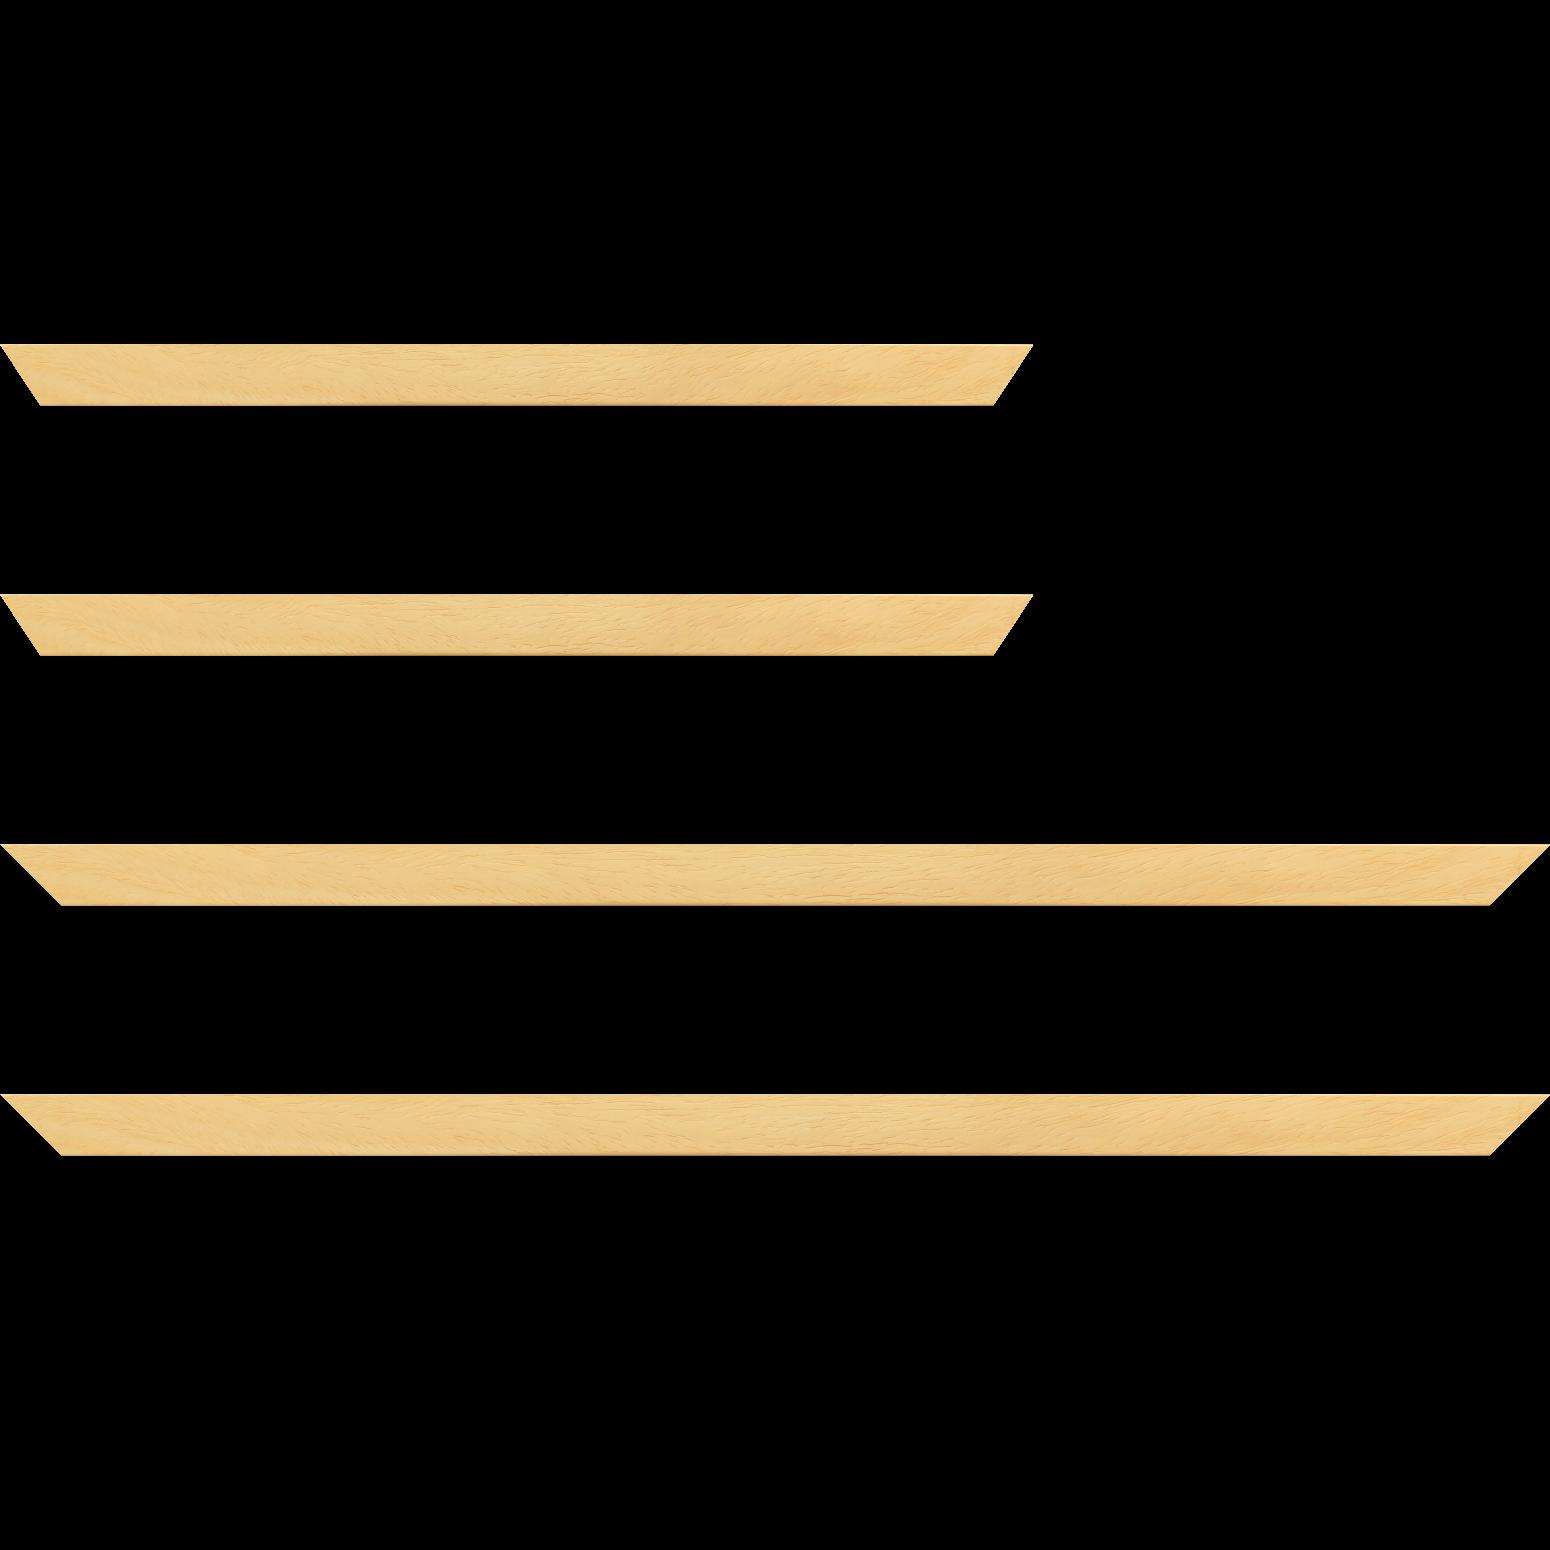 Baguette service précoupé Bois profil plat largeur 2cm hauteur 3.3cm couleur naturel satiné (aussi appelé cache clou)